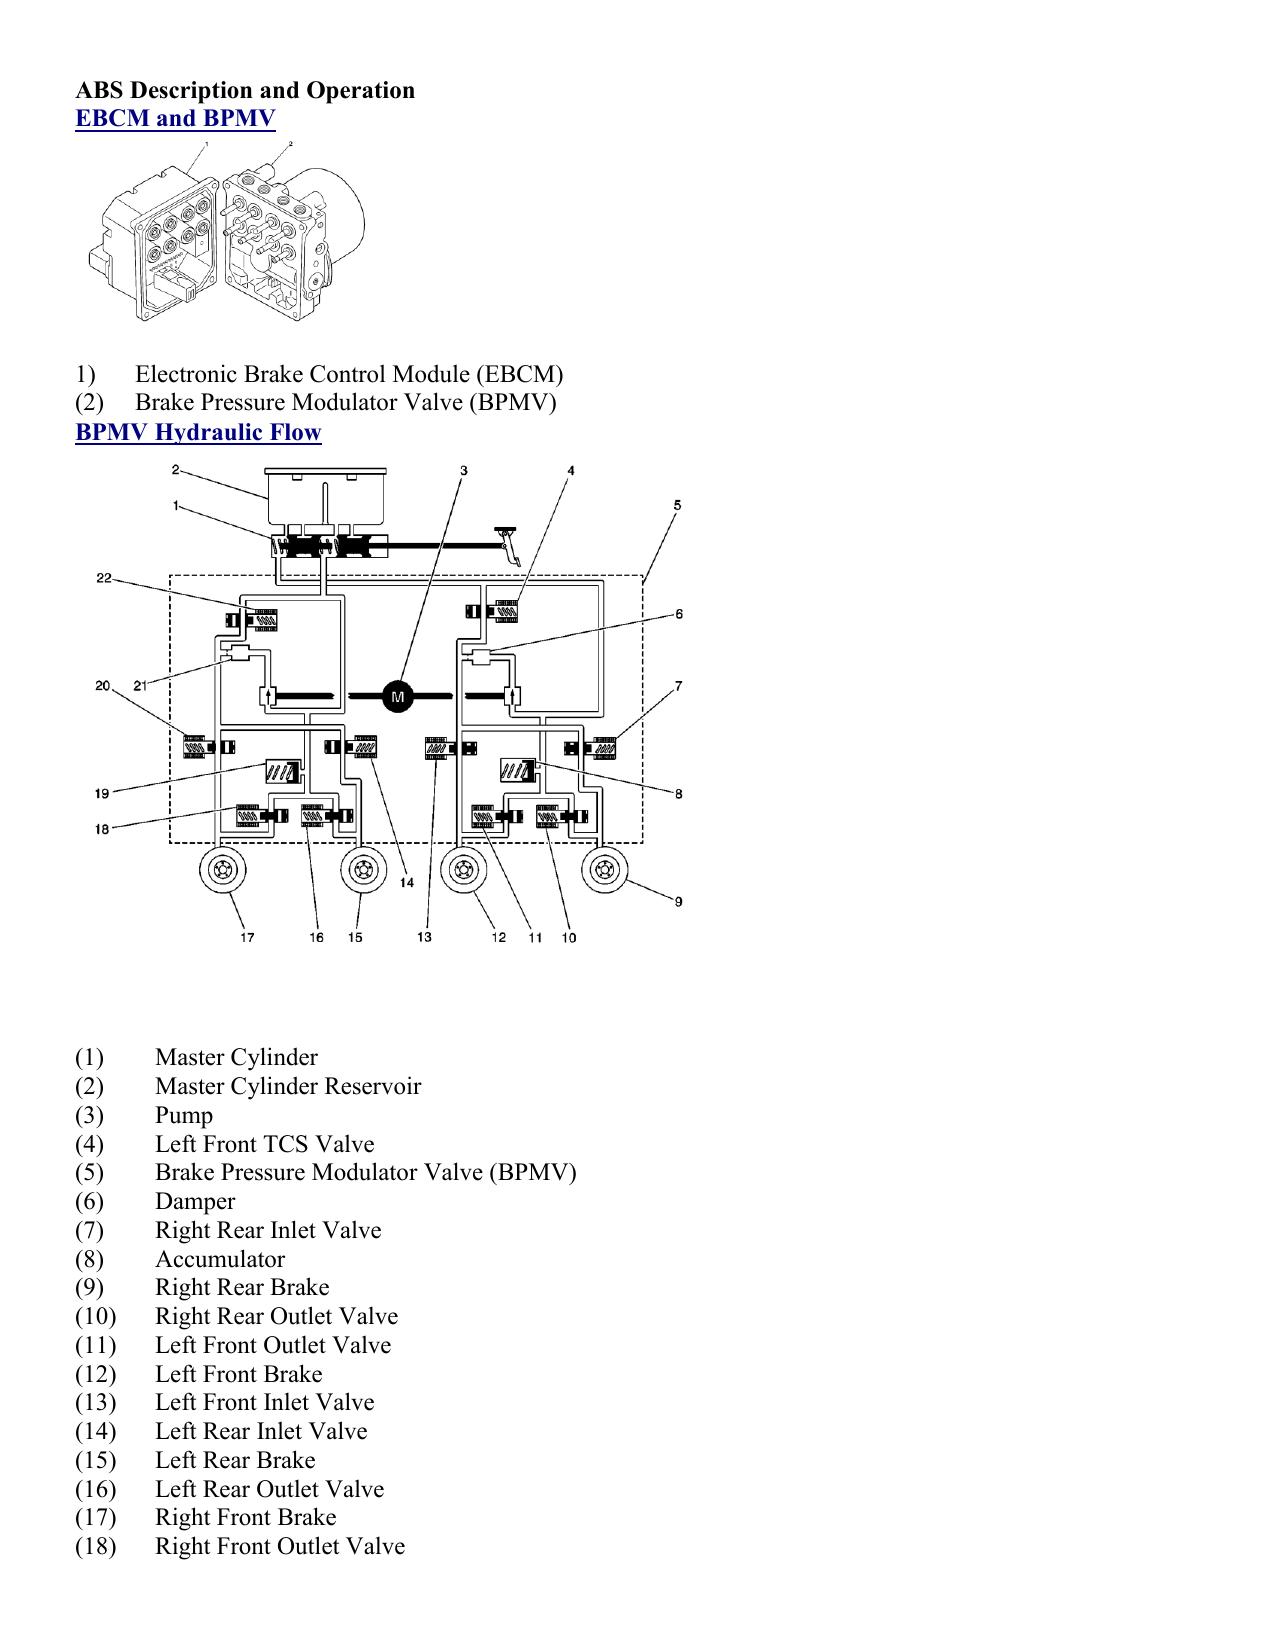 brake pressure modulator valve (bpmv)